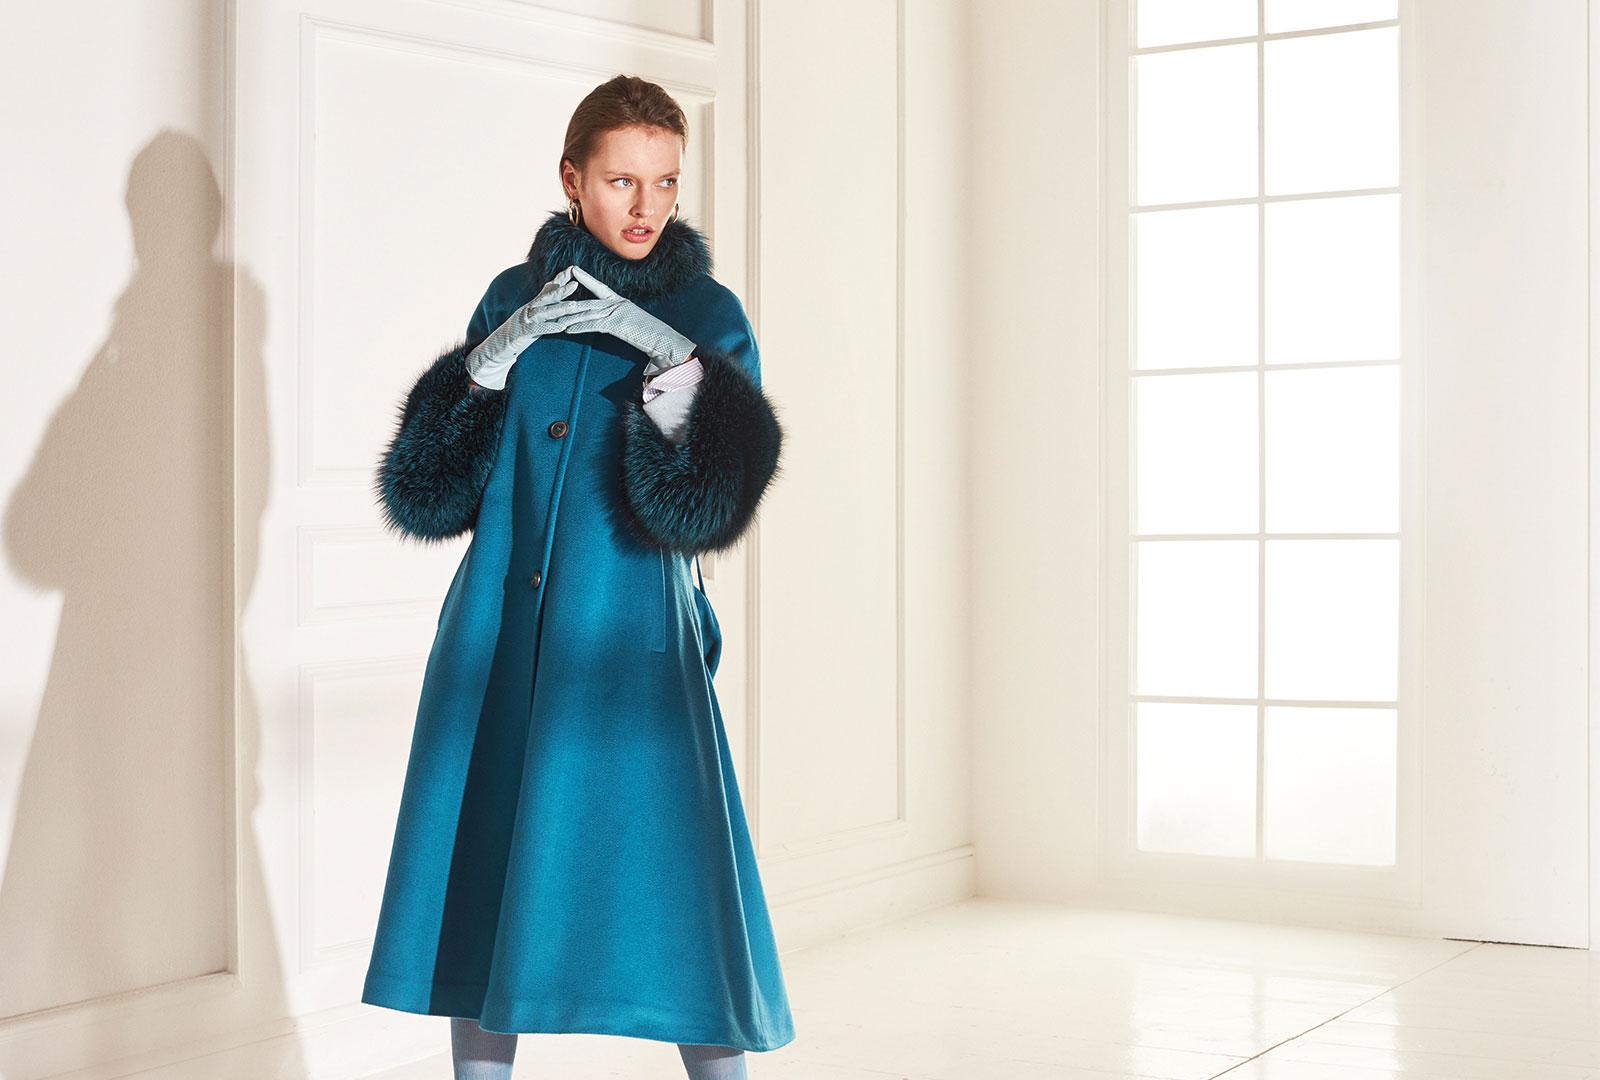 lenoci luxury - cappotto over linea svasata mantello collo e polsi in pelliccia di volpe Frost tinta